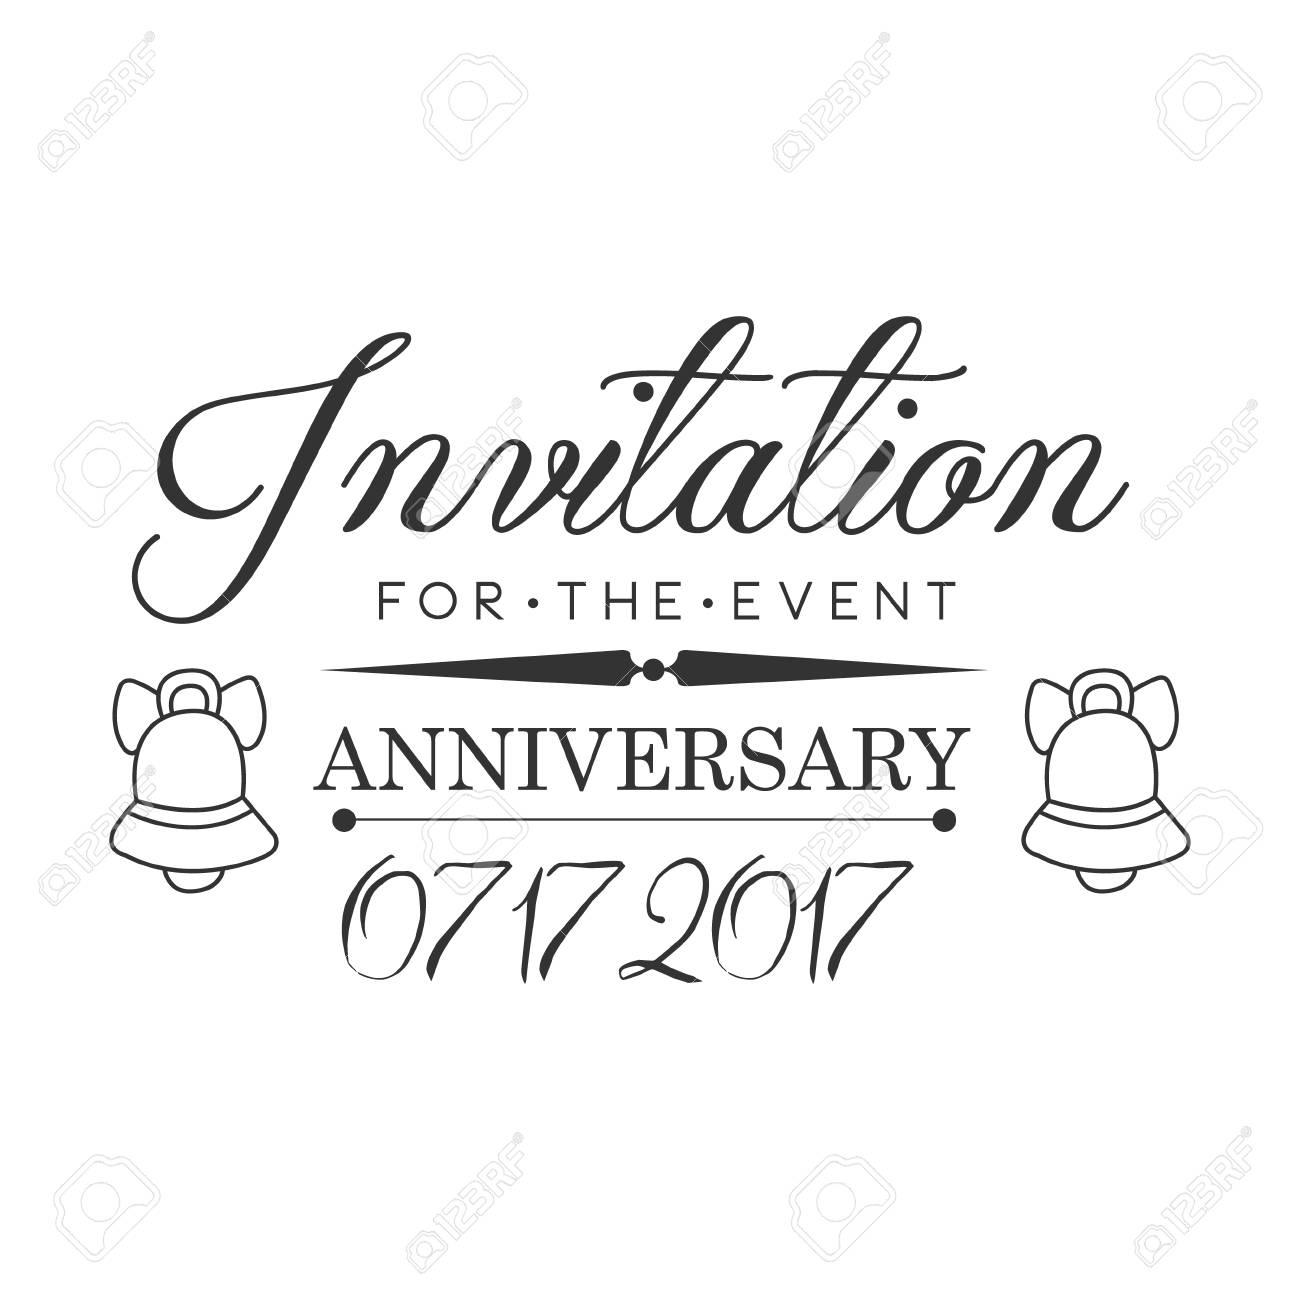 Fiesta De Aniversario De Graduación Blanco Y Negro Plantilla De Diseño De Tarjeta De Invitación Con Texto Caligráfico